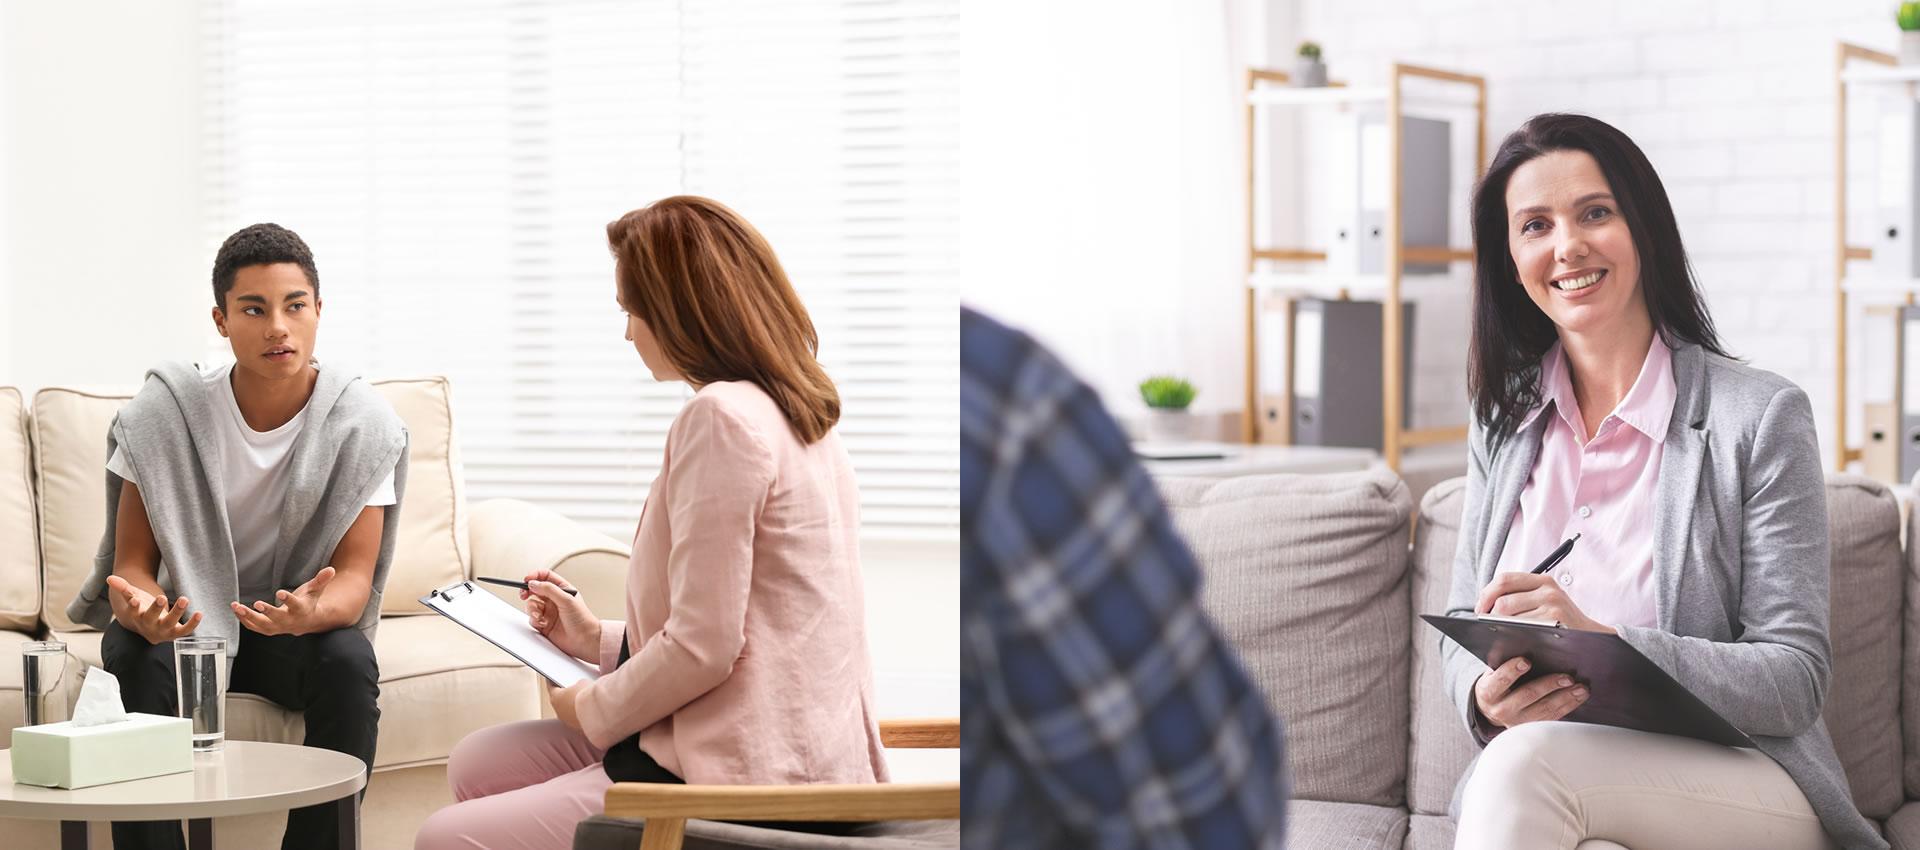 Dott.ssa Sabrina Reale | Psicologa Psicoterapeuta a Moncalieri (TO)